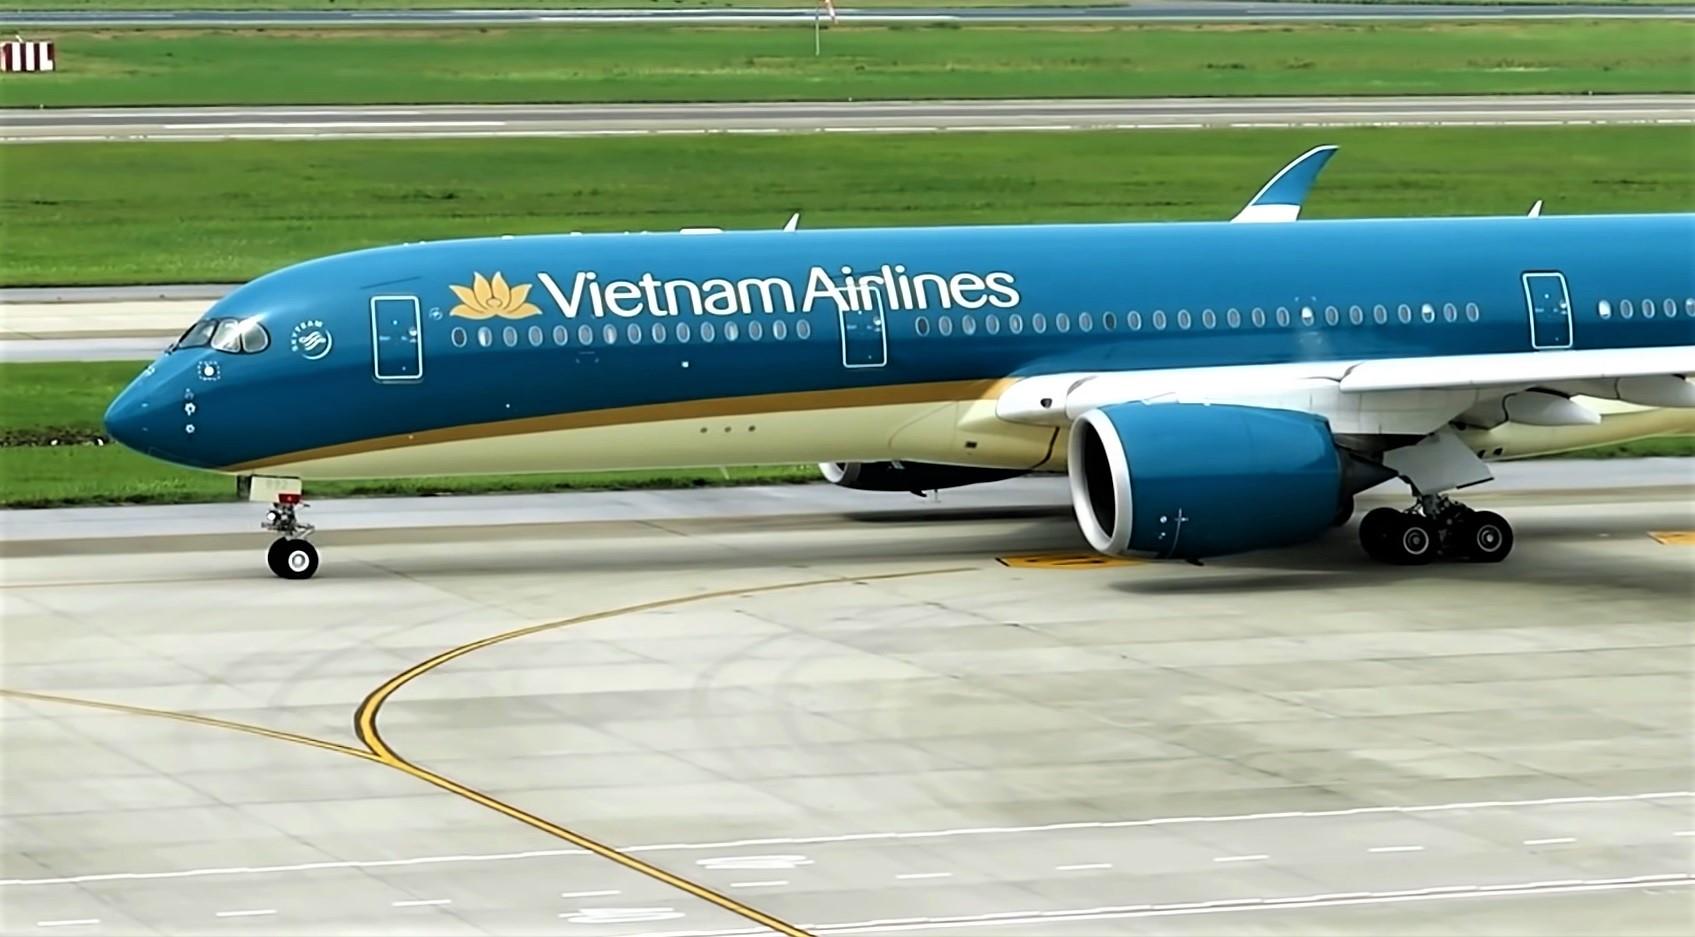 Vietnam Airlines chuẩn bị tổ chức đại hội cổ đông bất thường - Ảnh 1.